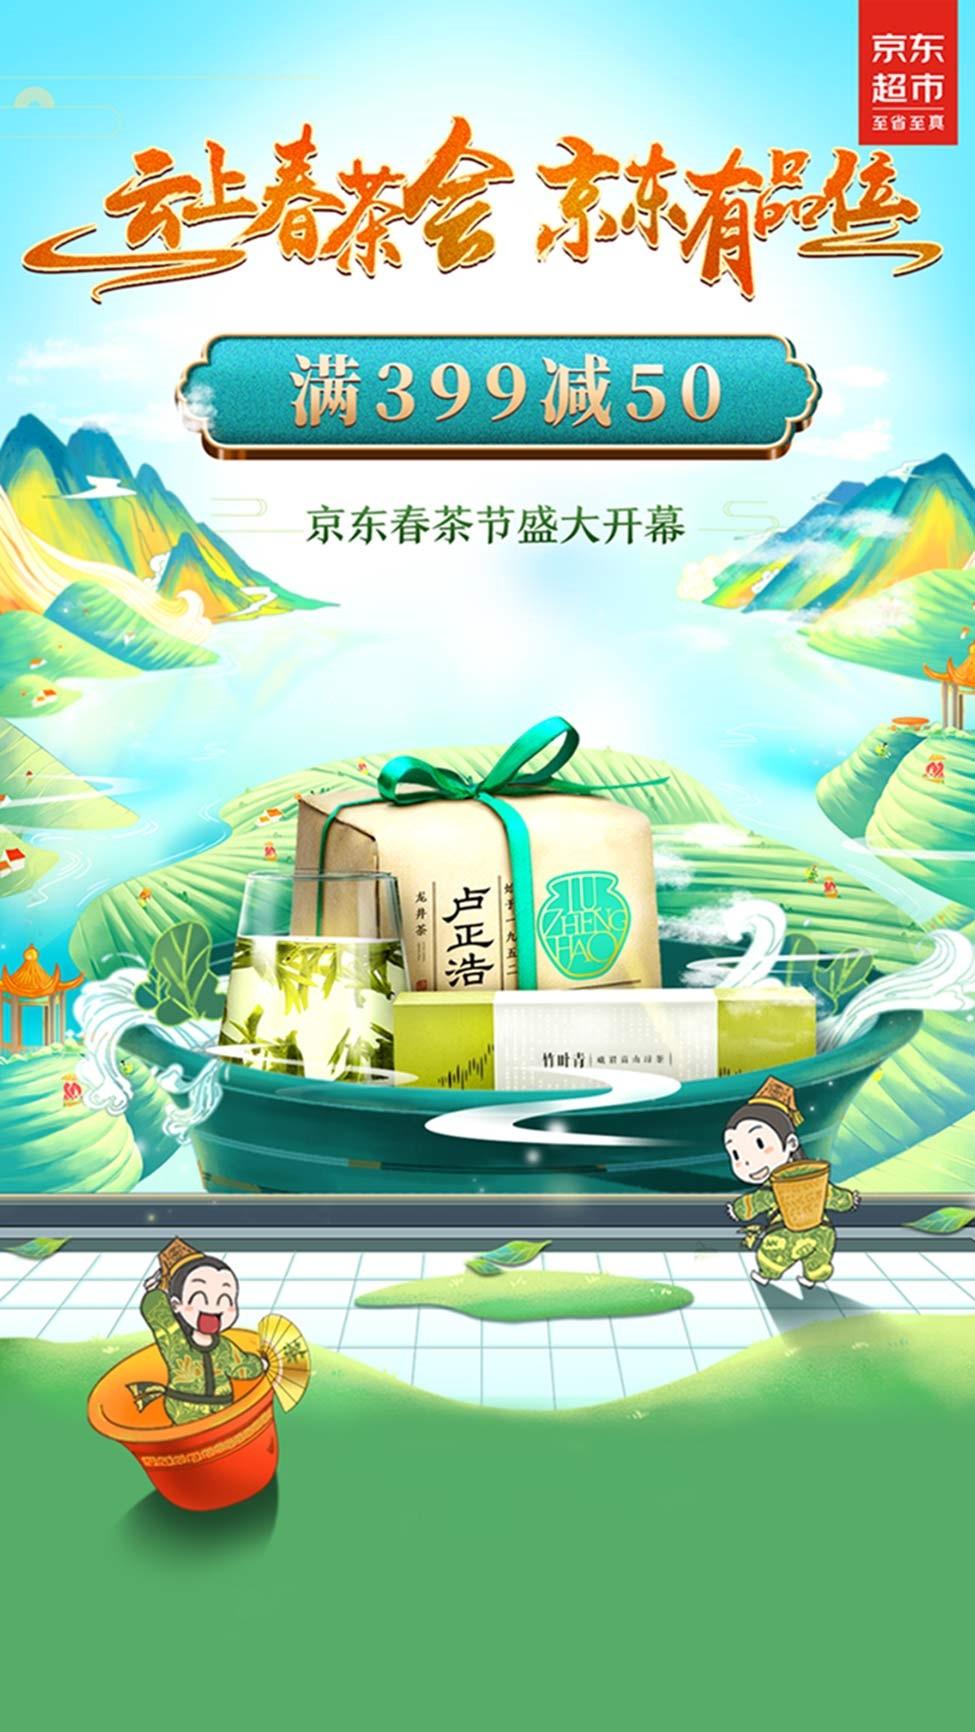 助力疫情之下春茶销售 京东春茶品质联盟正式成立